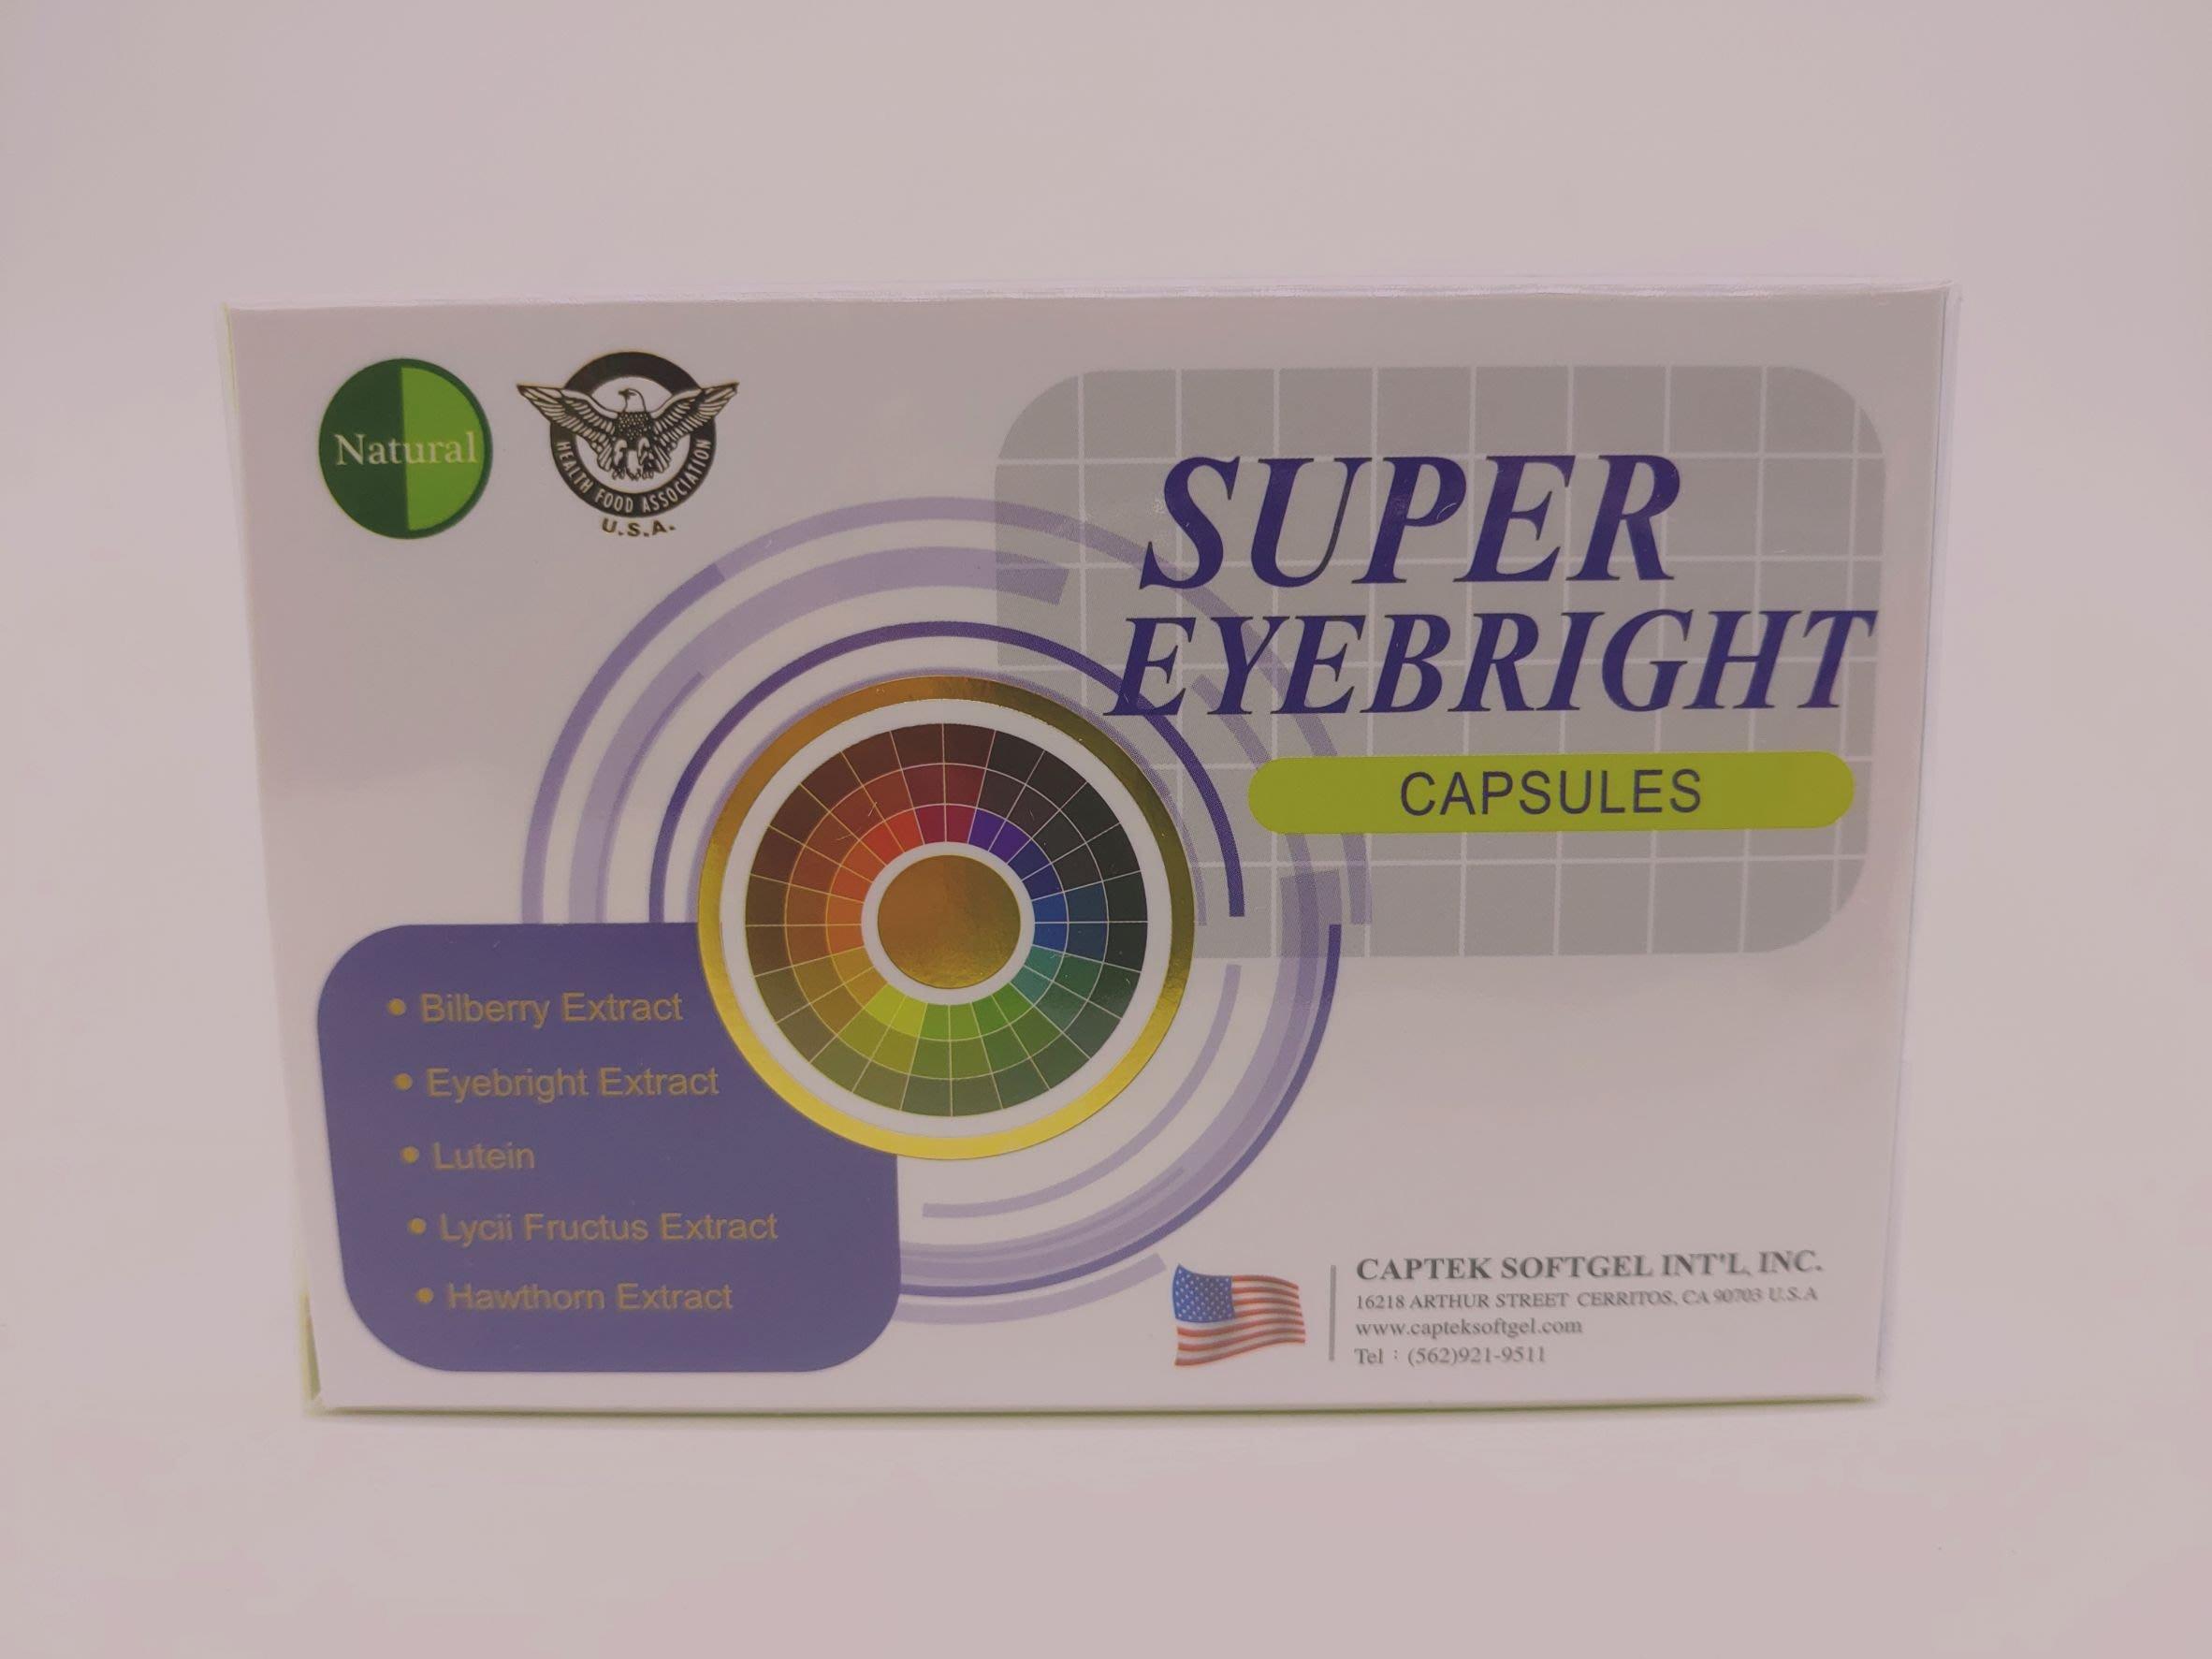 美國Natural D液態葉黃素 SUPER EYEBRIGHT CAPSULES天天亮軟膠囊 30粒/盒